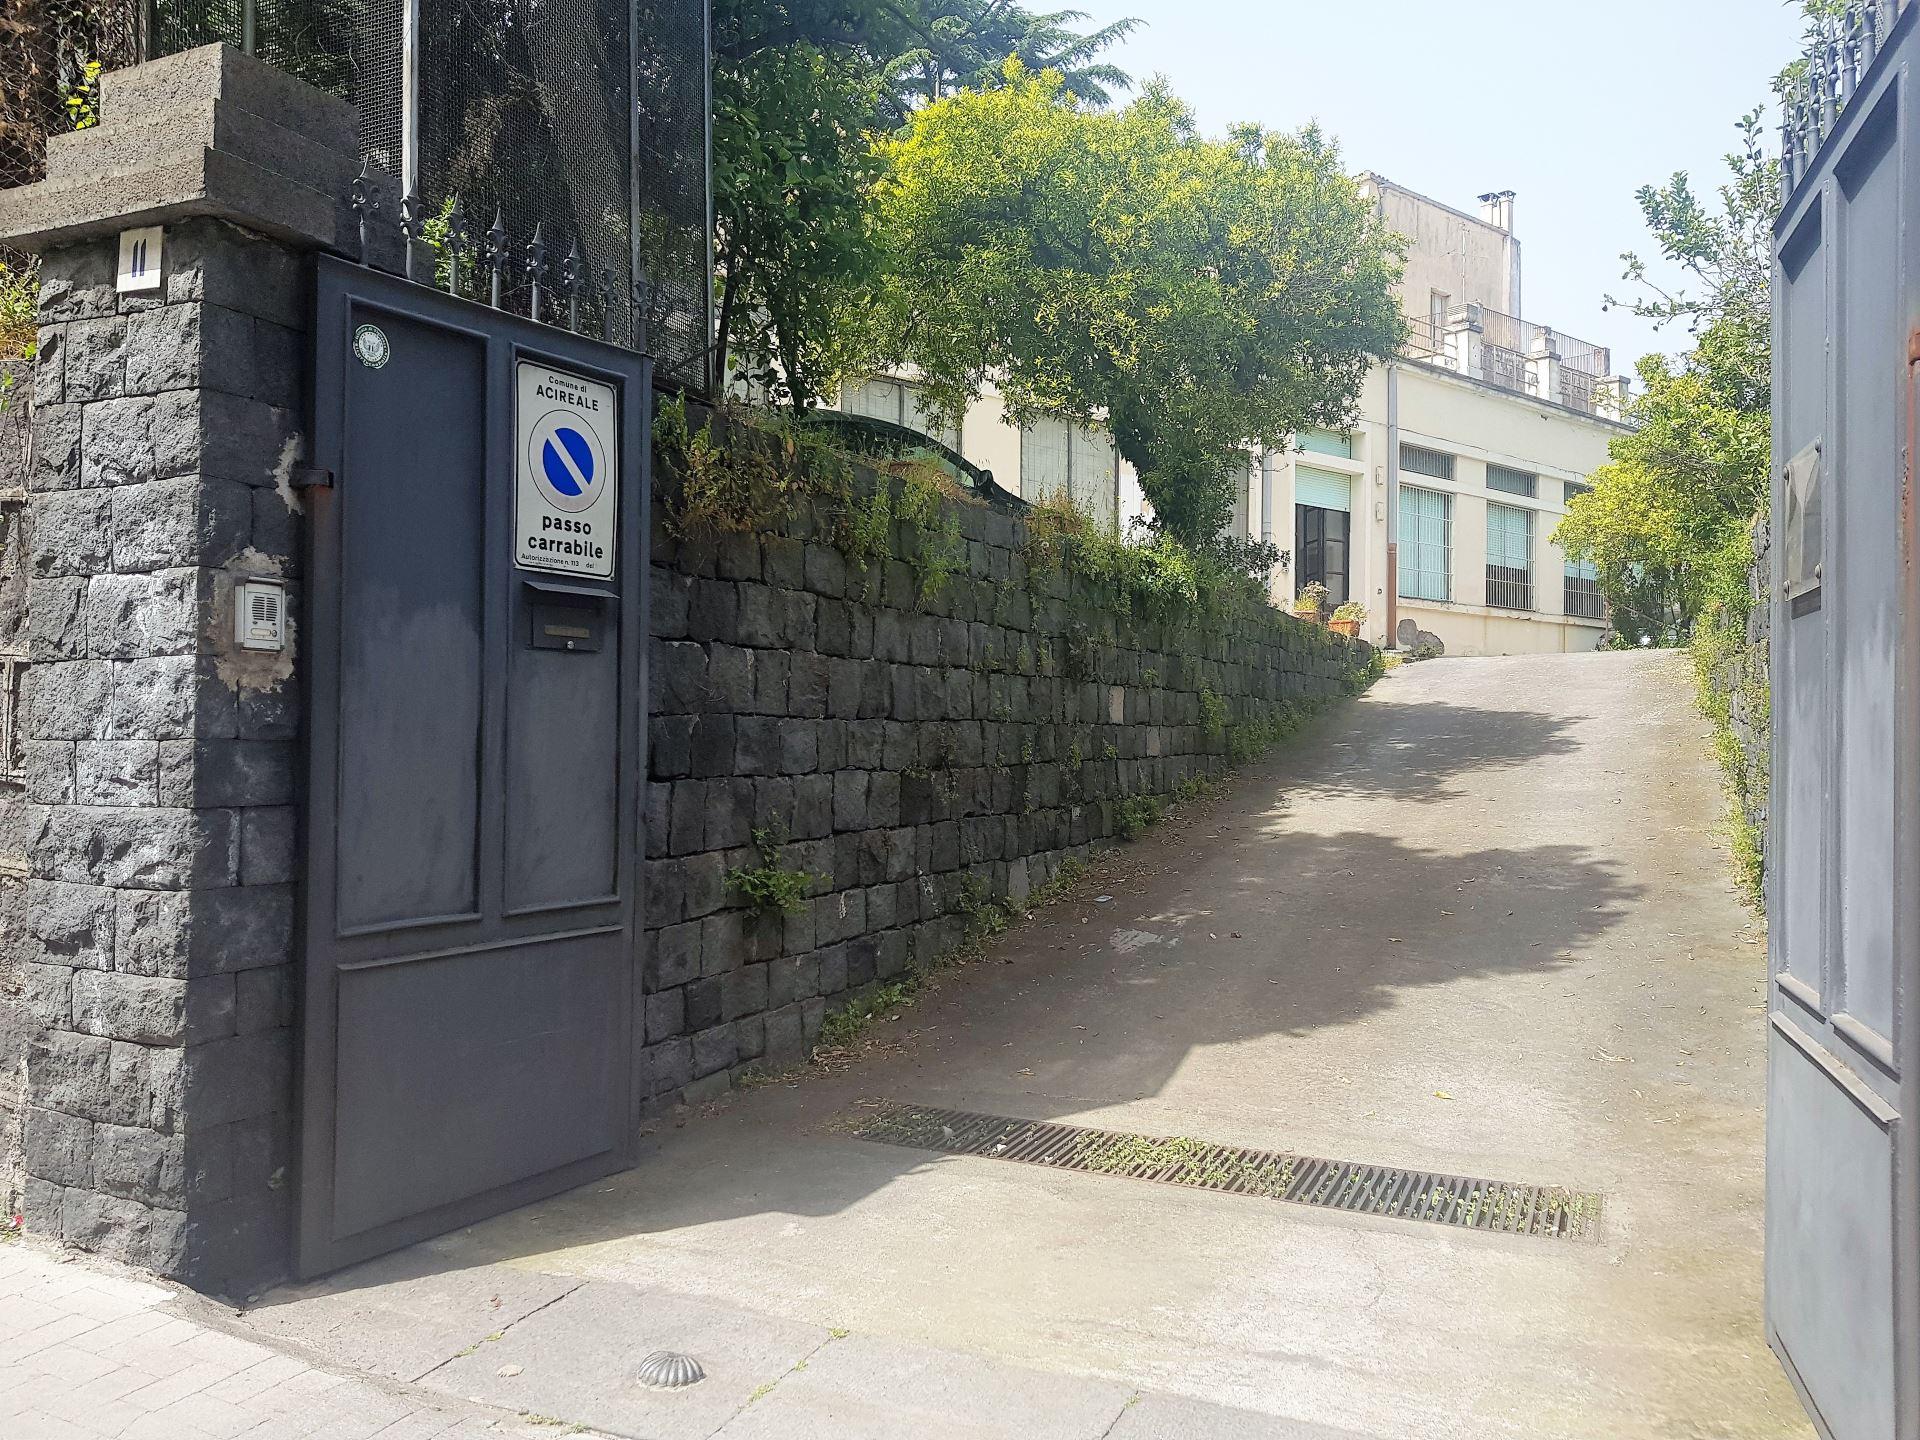 Uffici Amministrazione presso Collegio Santonoceto